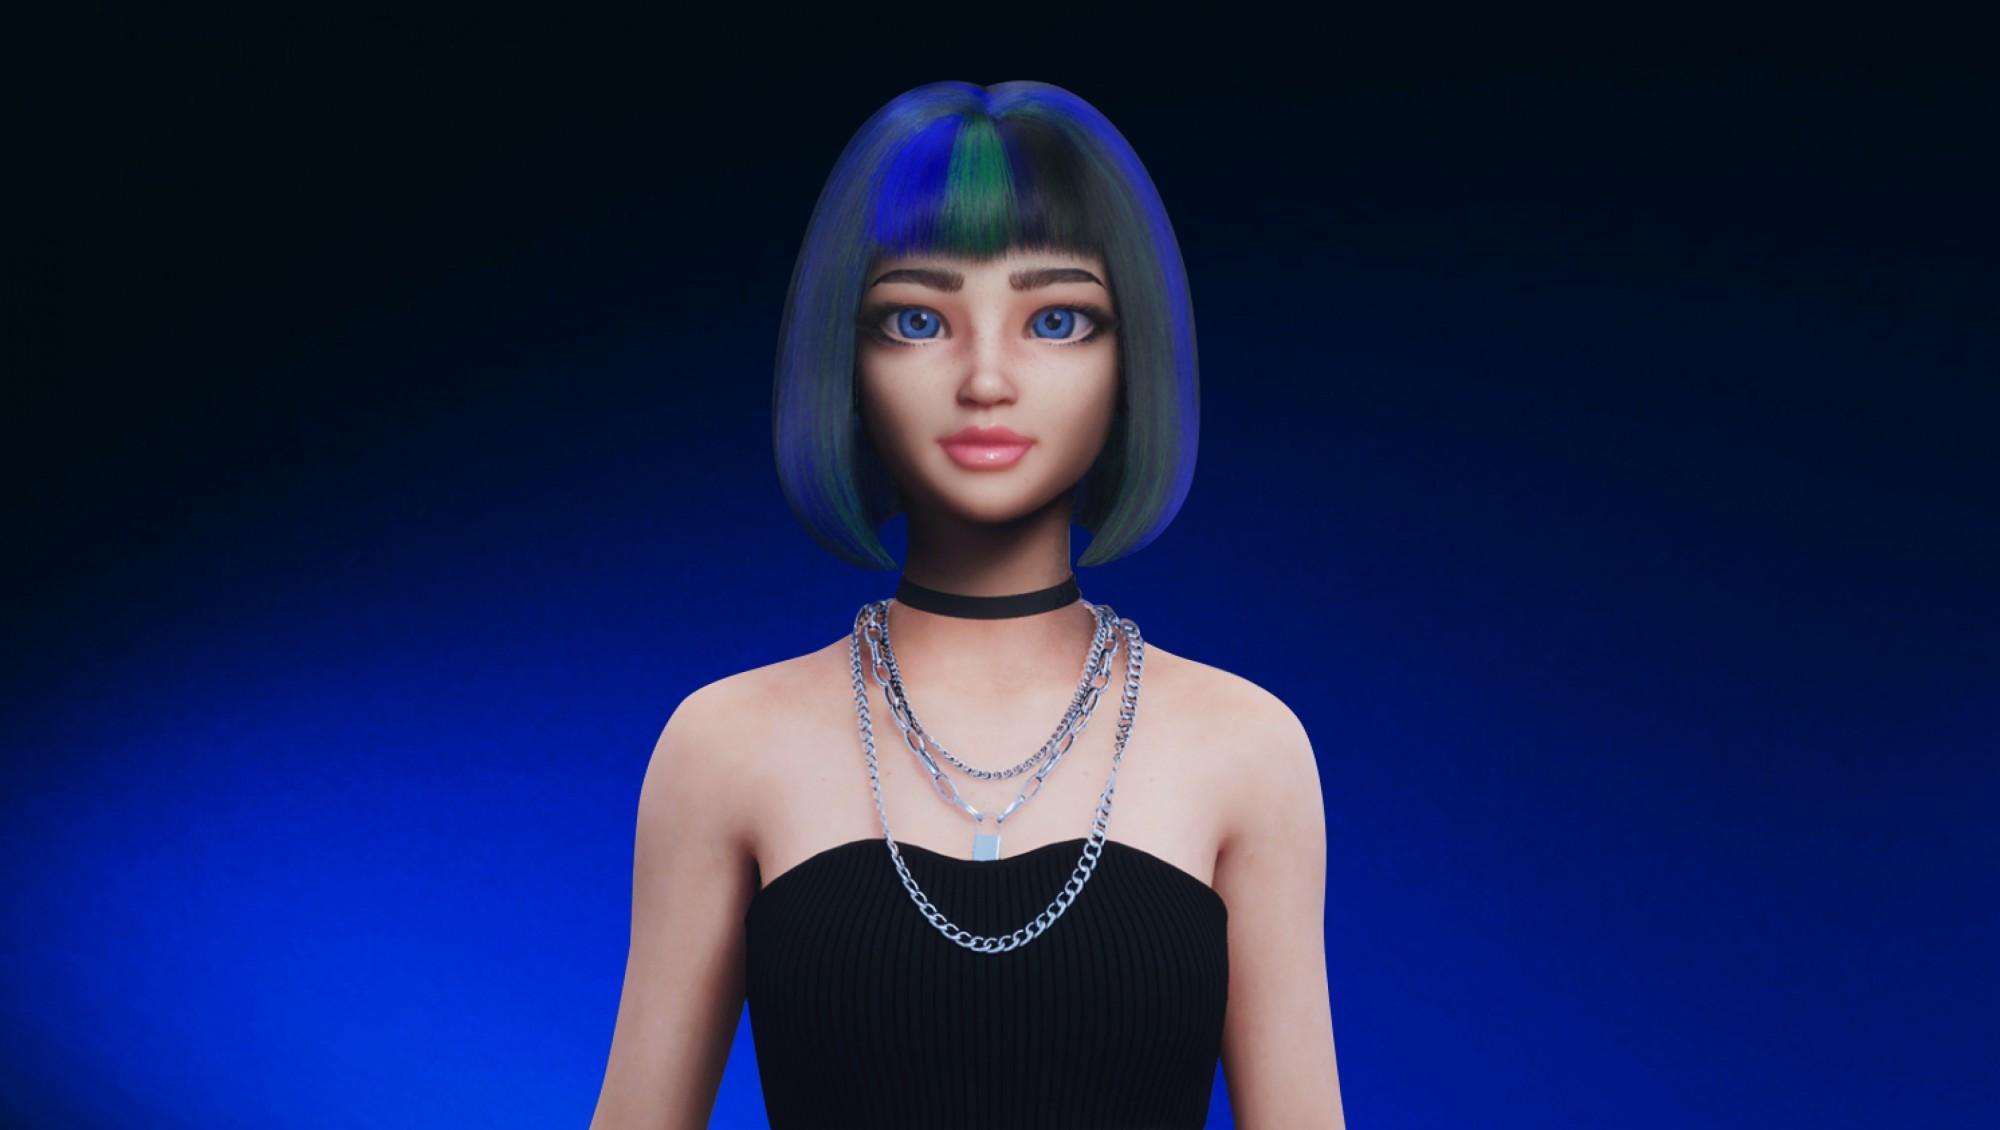 На платформе Visper появились два новых аватара: мужчина Пётр и анимационная девочка Матильда